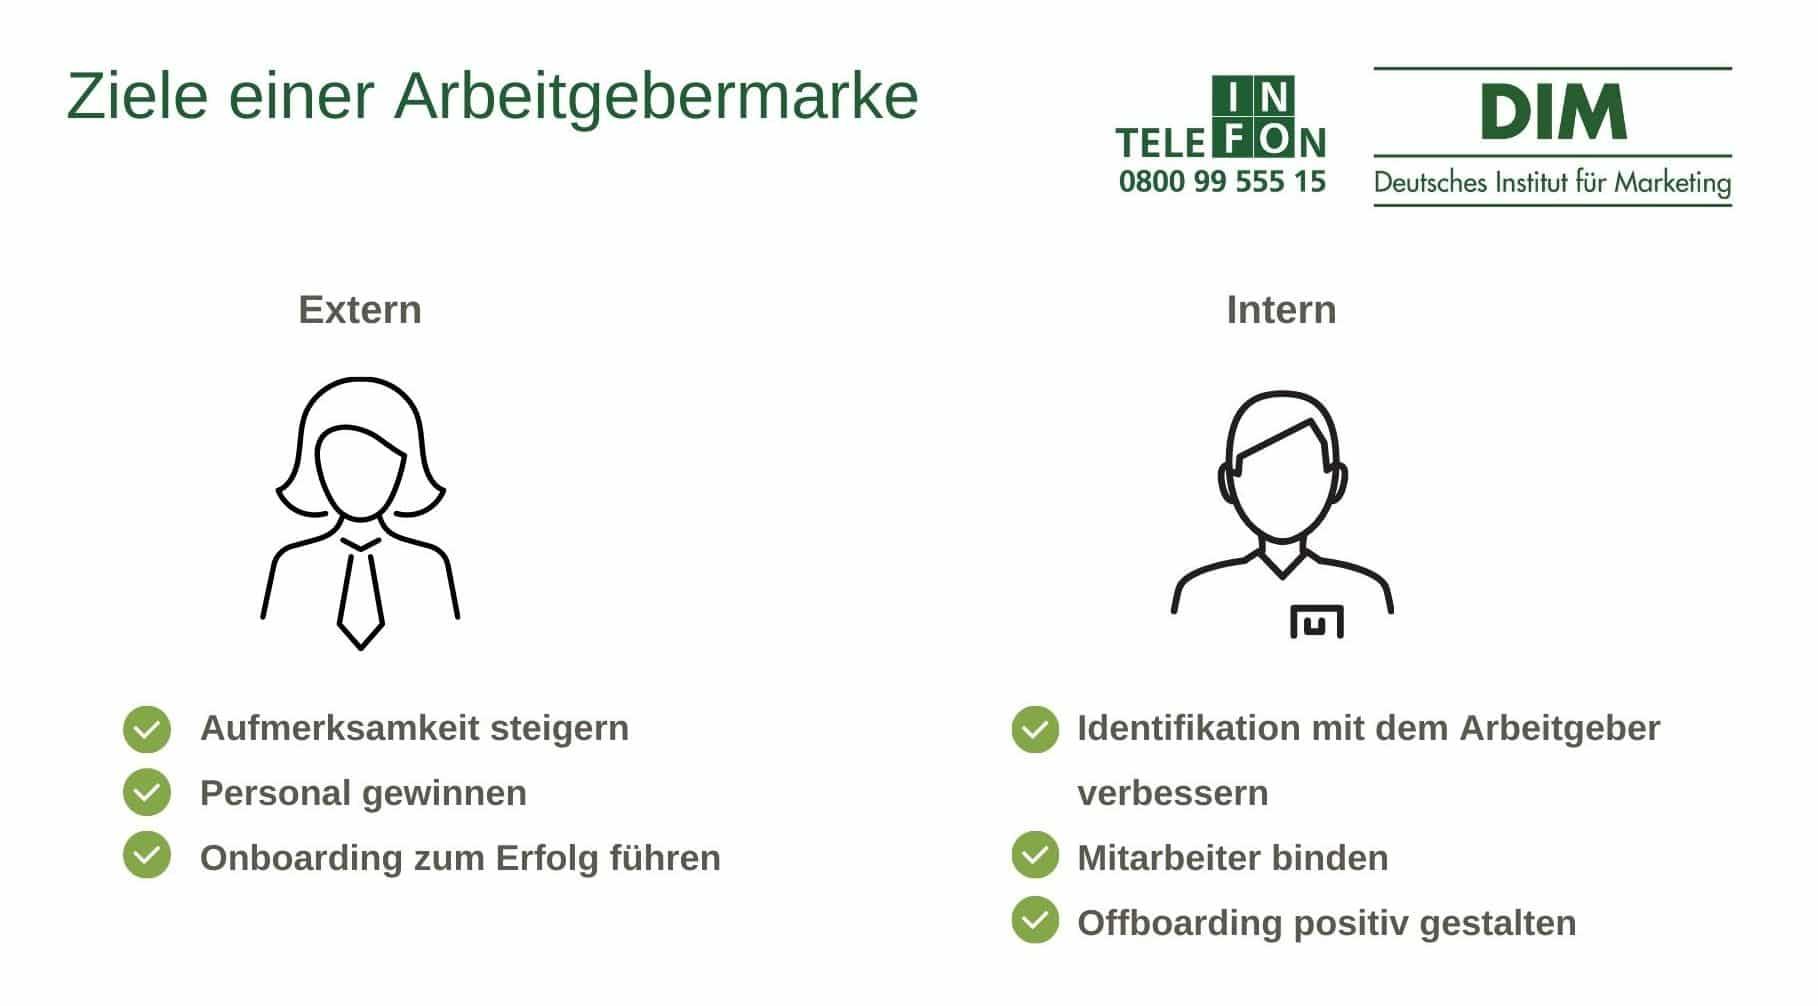 Ziele einer Arbeitgebermarke